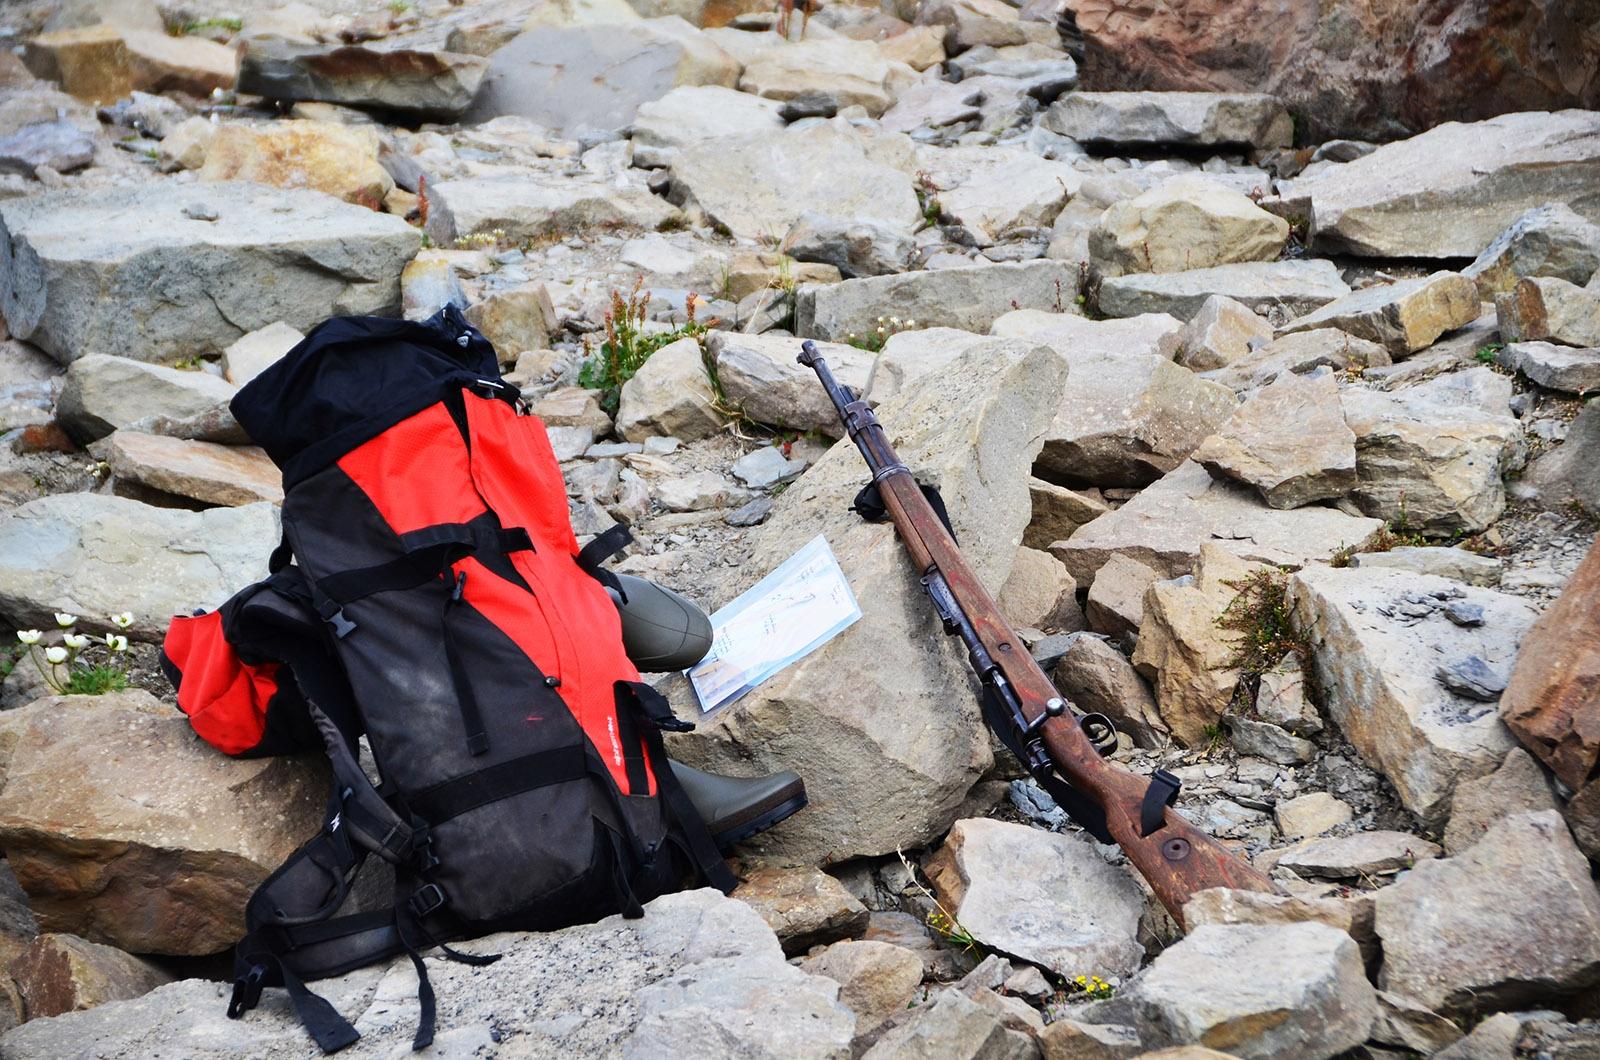 Wygodny plecak i broń to podstawowy ekwipunek na Svalbardzie